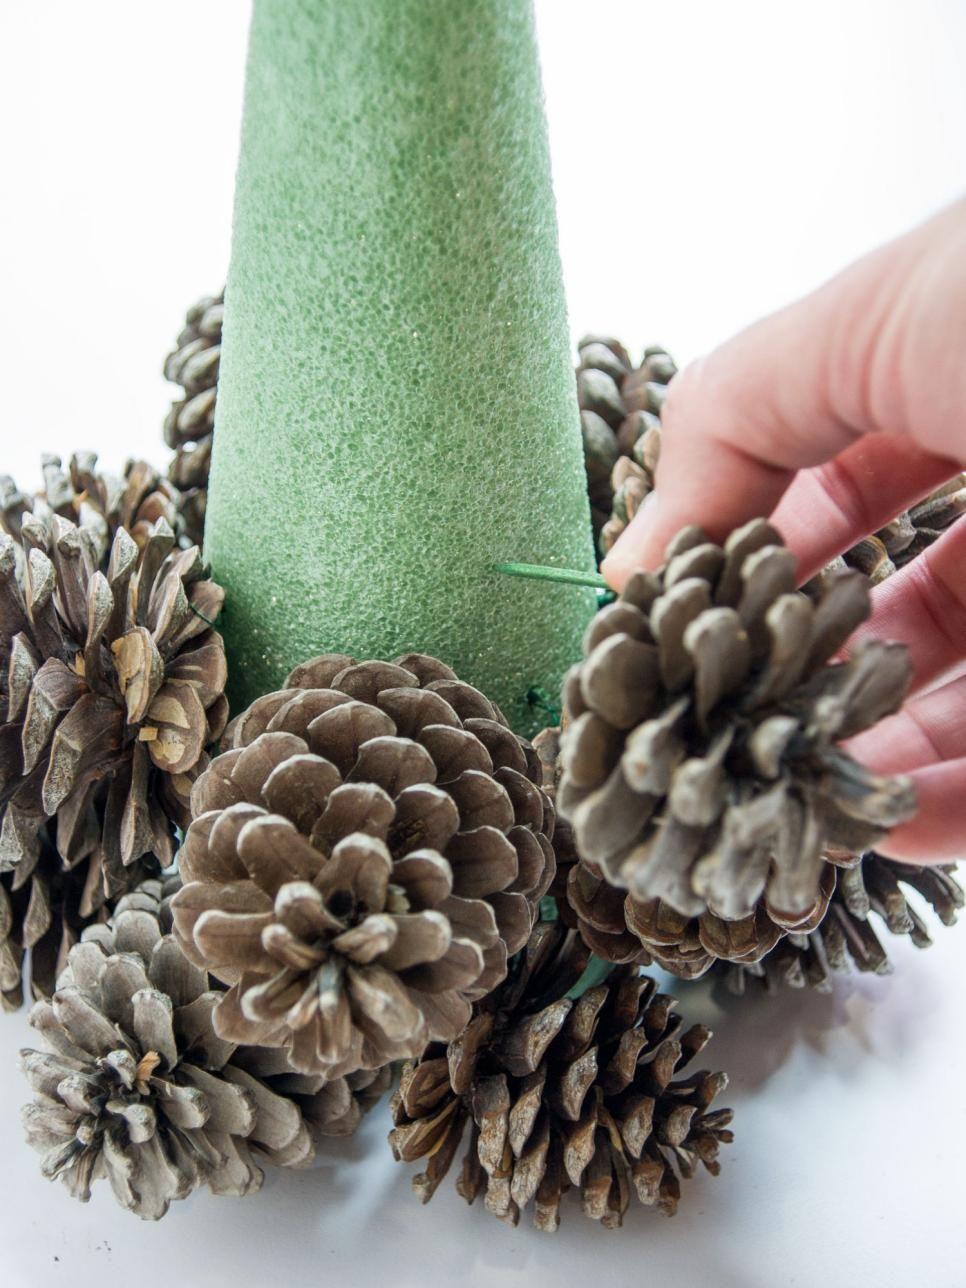 Verwandeln Sie Tannenzapfen in einen Tisch-Weihnachtsbaum - Upcycling Blog #christmastree